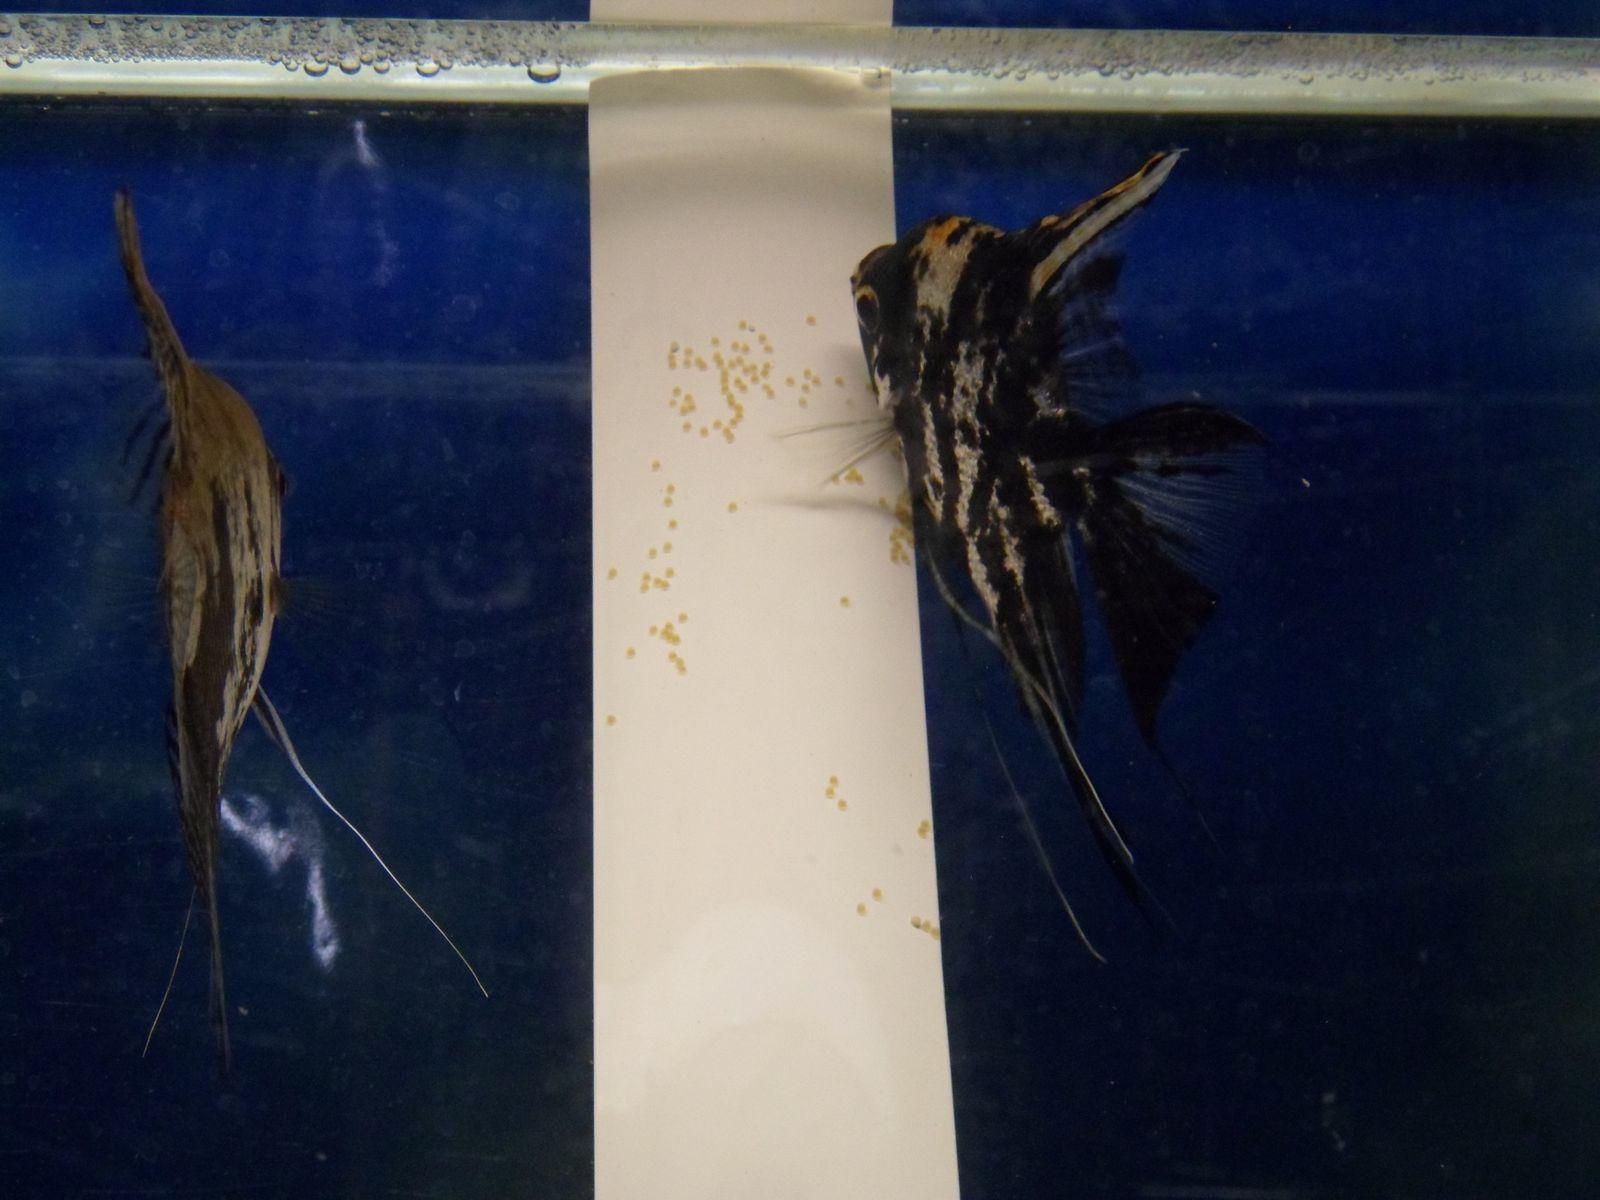 La mère va ensuite commencée à déposer les œufs sur le support de ponte. Puis le mâle va les fécondés.